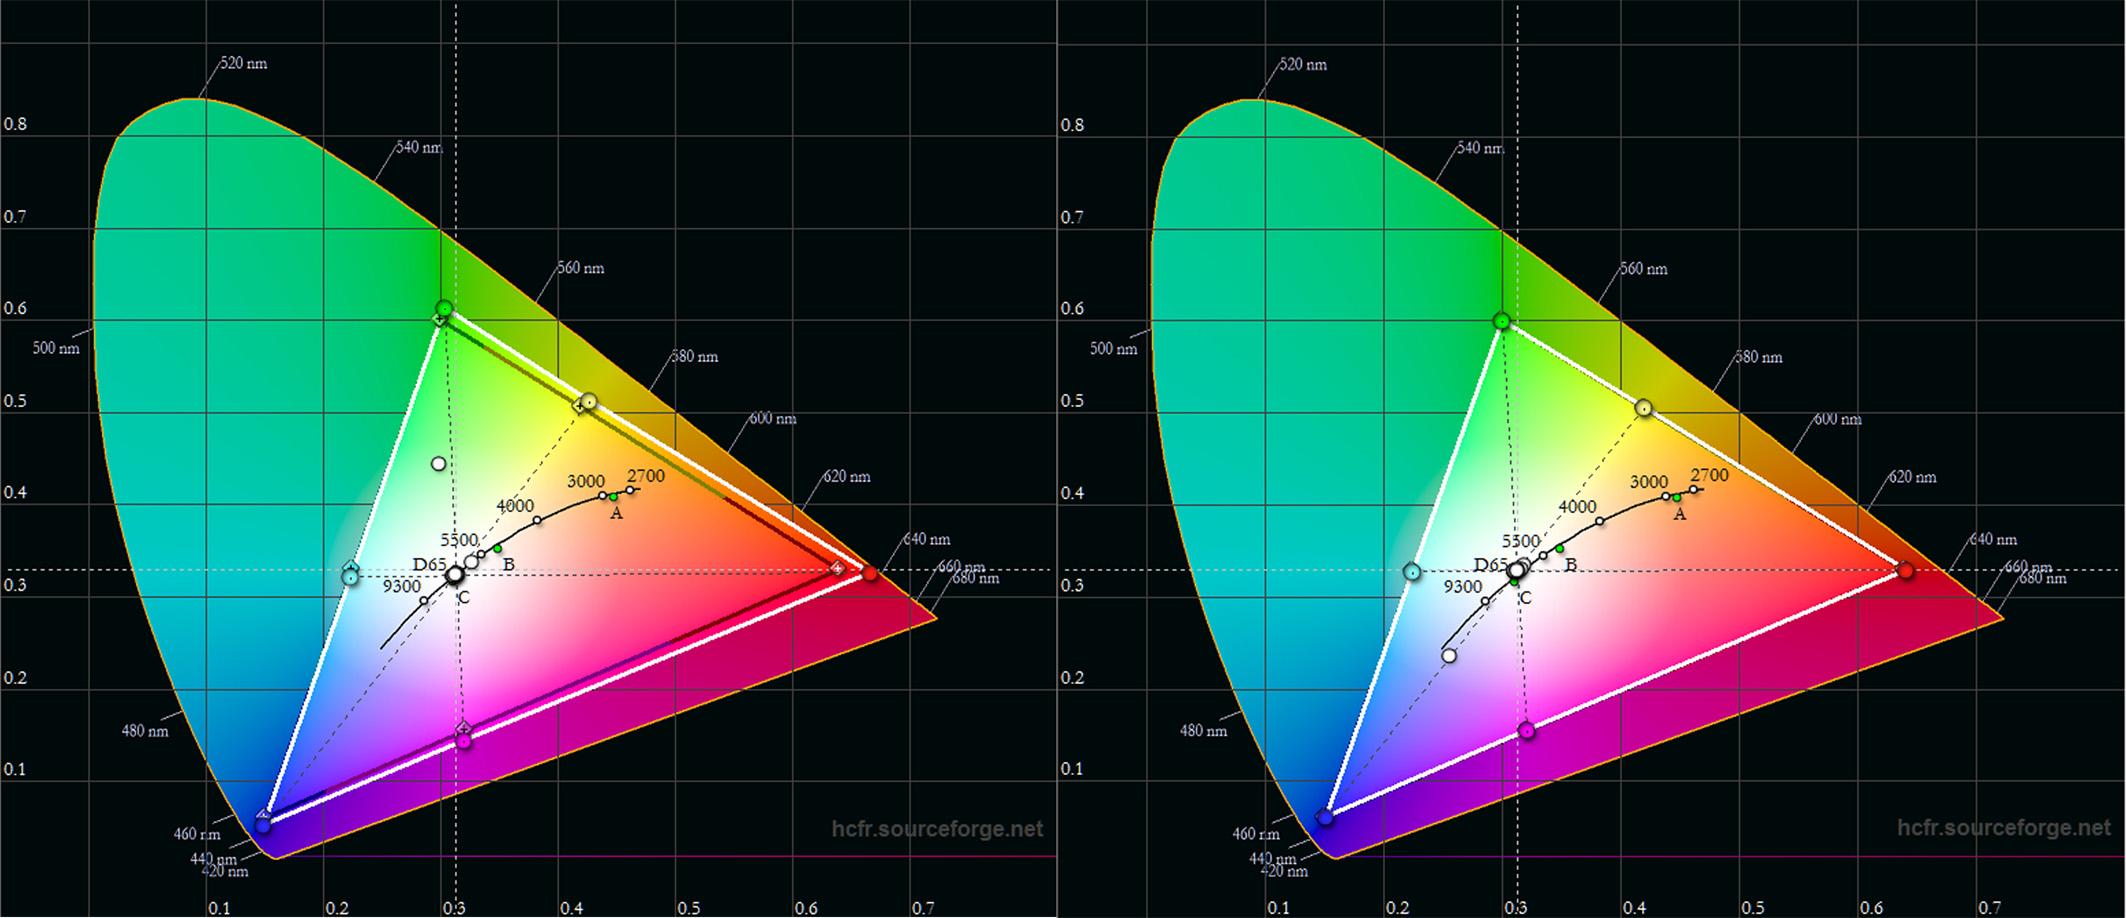 Sony VPL-VW550 - Messung - Farbraum Bildmodus Referenz - links ab Werk - rechts kalibriert